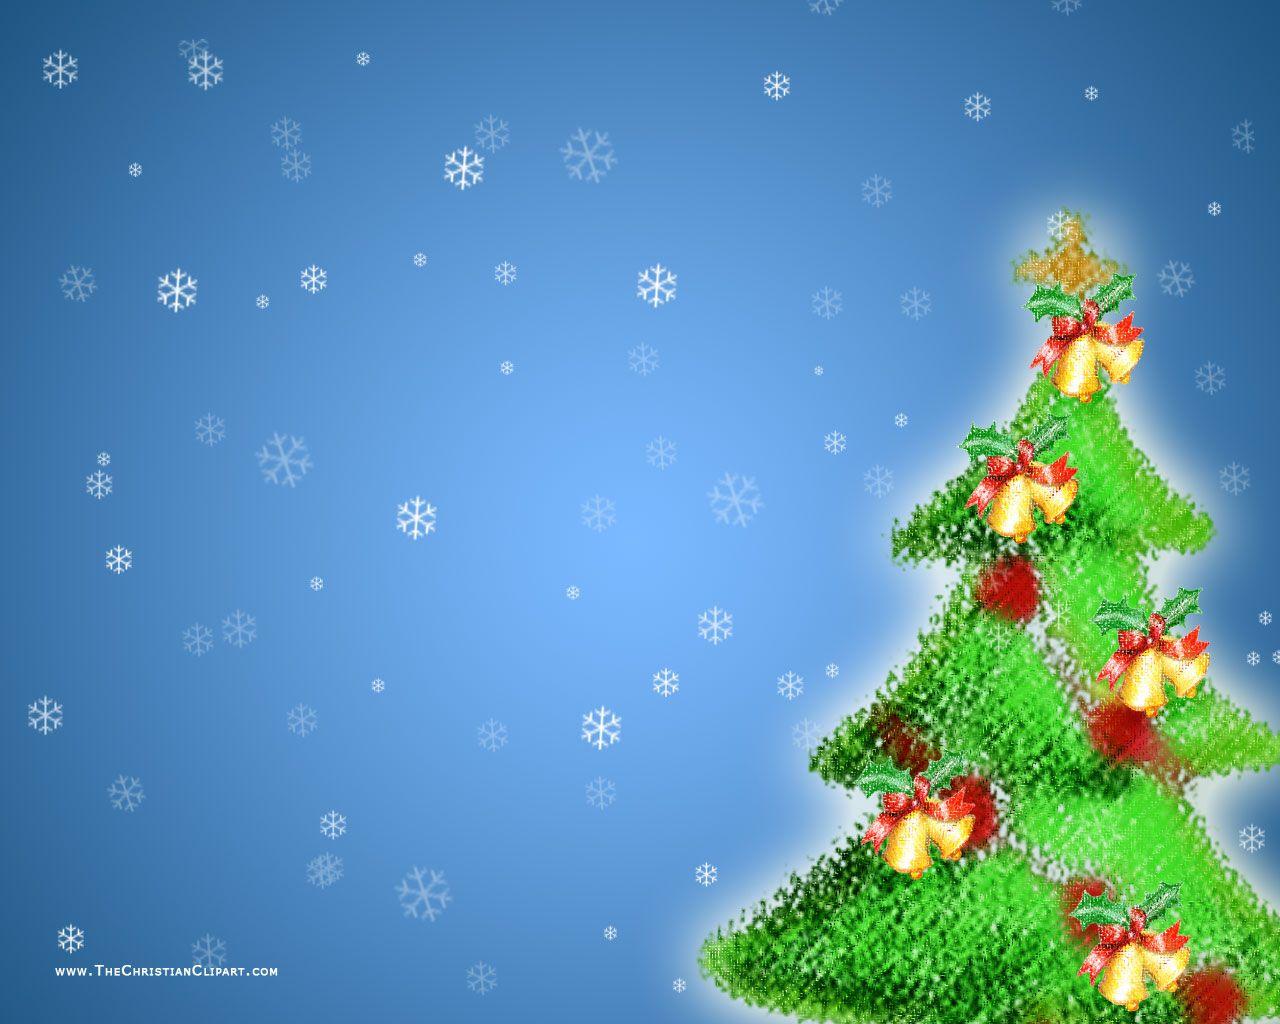 Presentaciones Feliz Navidad.Christmas Background P1 Fondo Navideno Fondo De